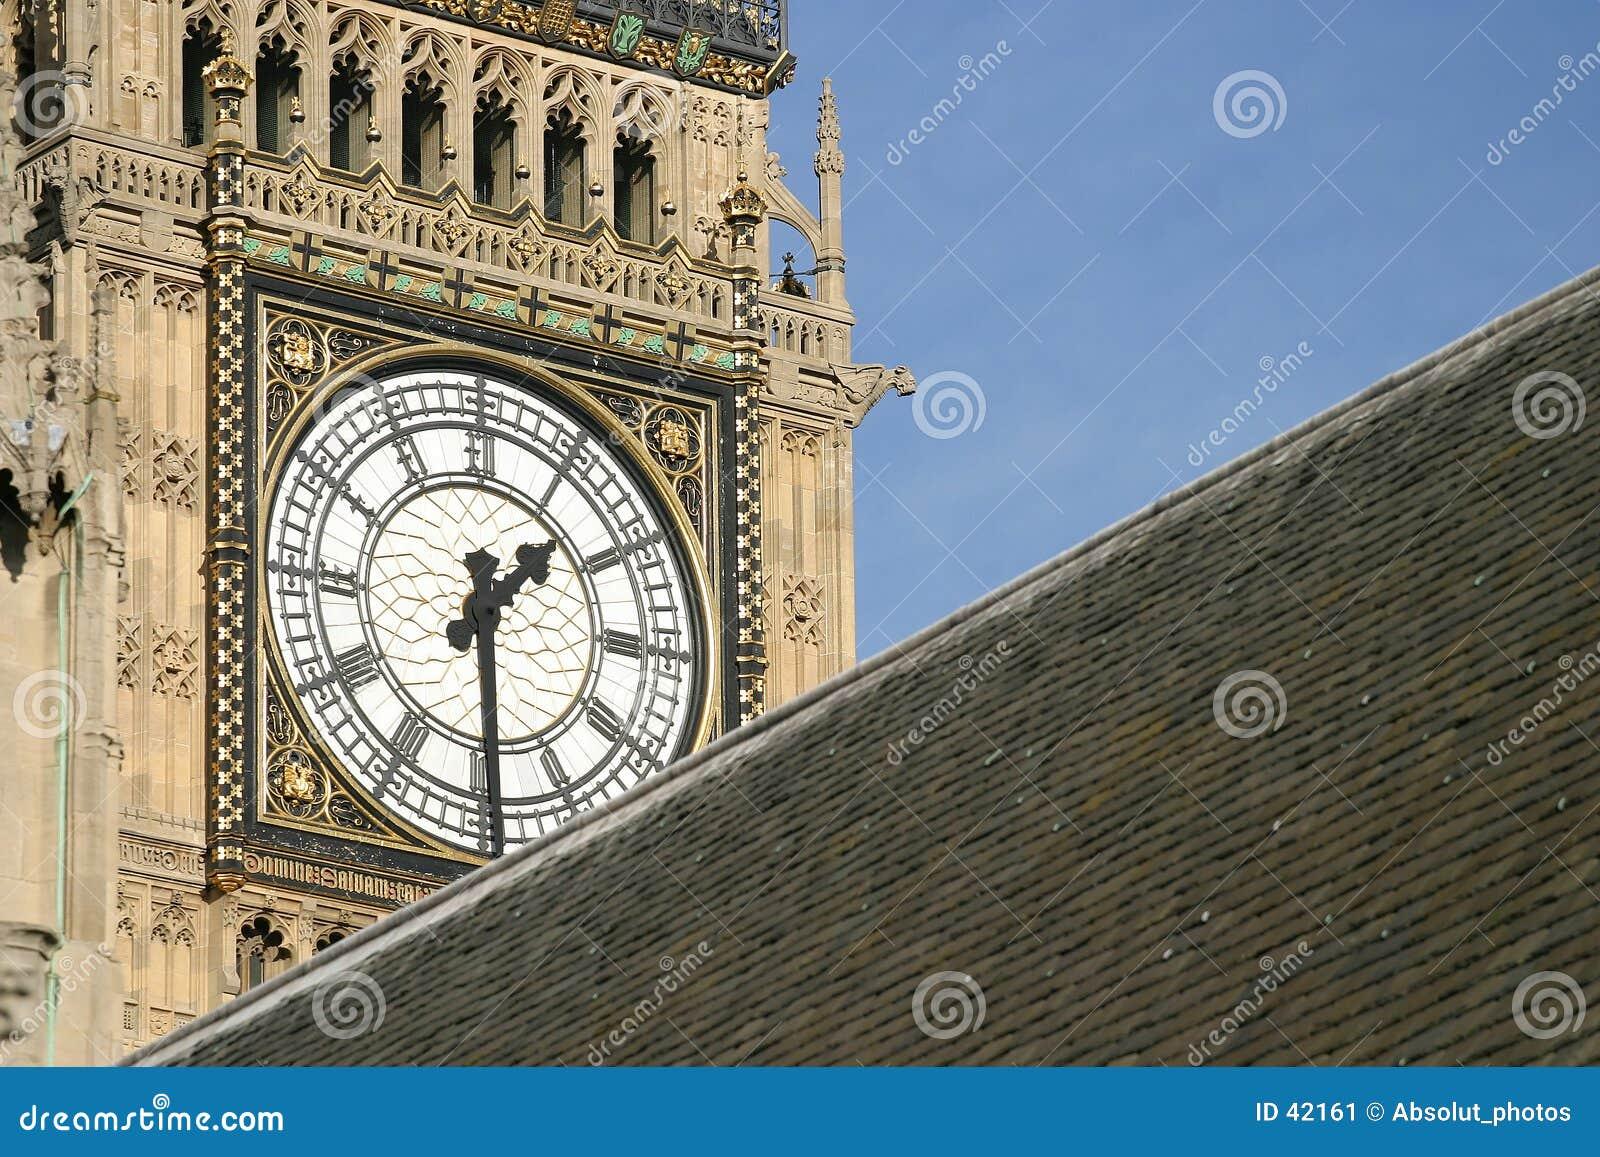 Download Ben grande en Londres imagen de archivo. Imagen de británico - 42161